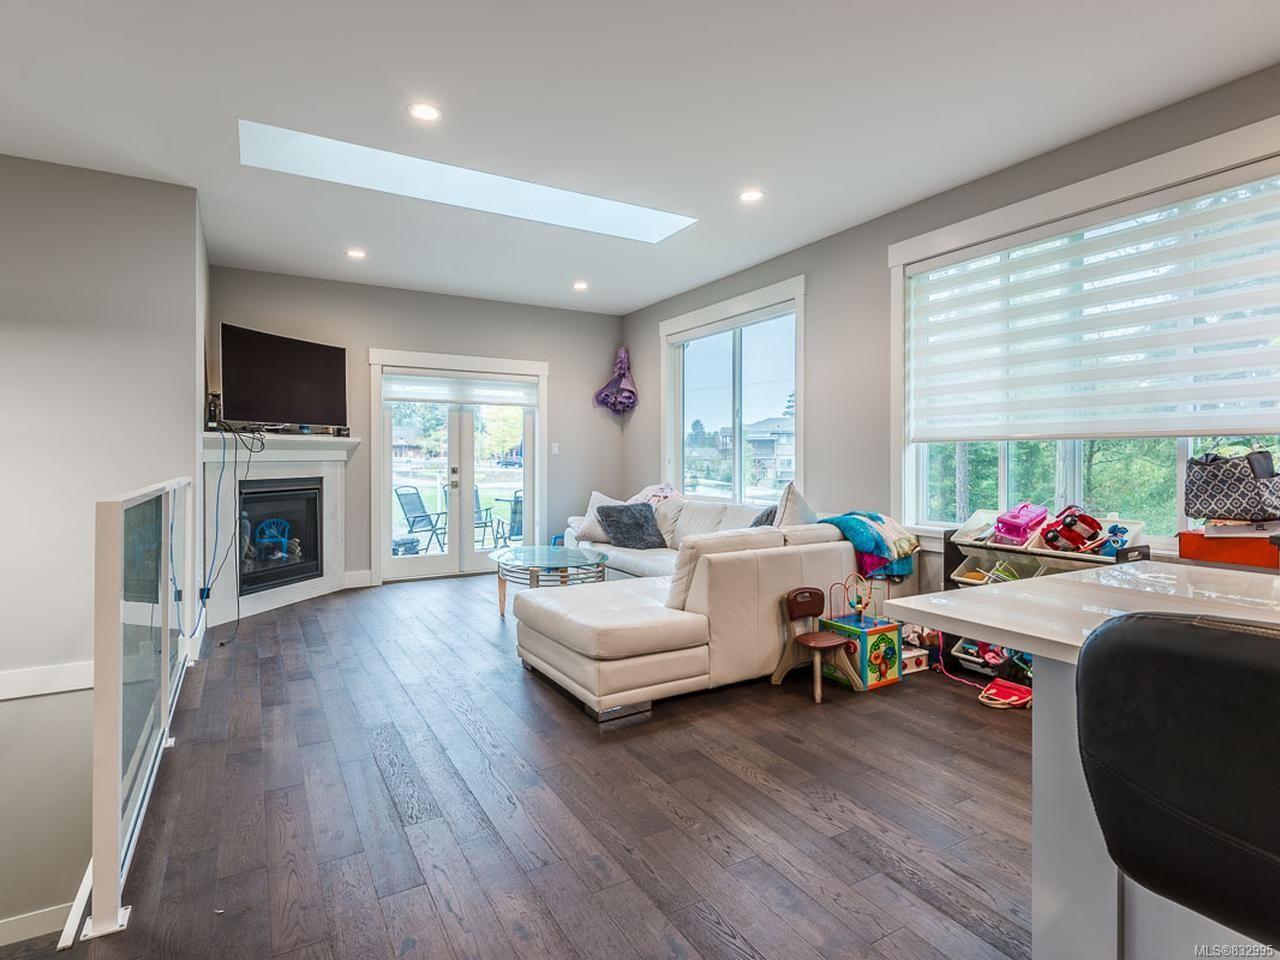 Photo 9: Photos: 5896 Linyard Rd in NANAIMO: Na North Nanaimo House for sale (Nanaimo)  : MLS®# 832995